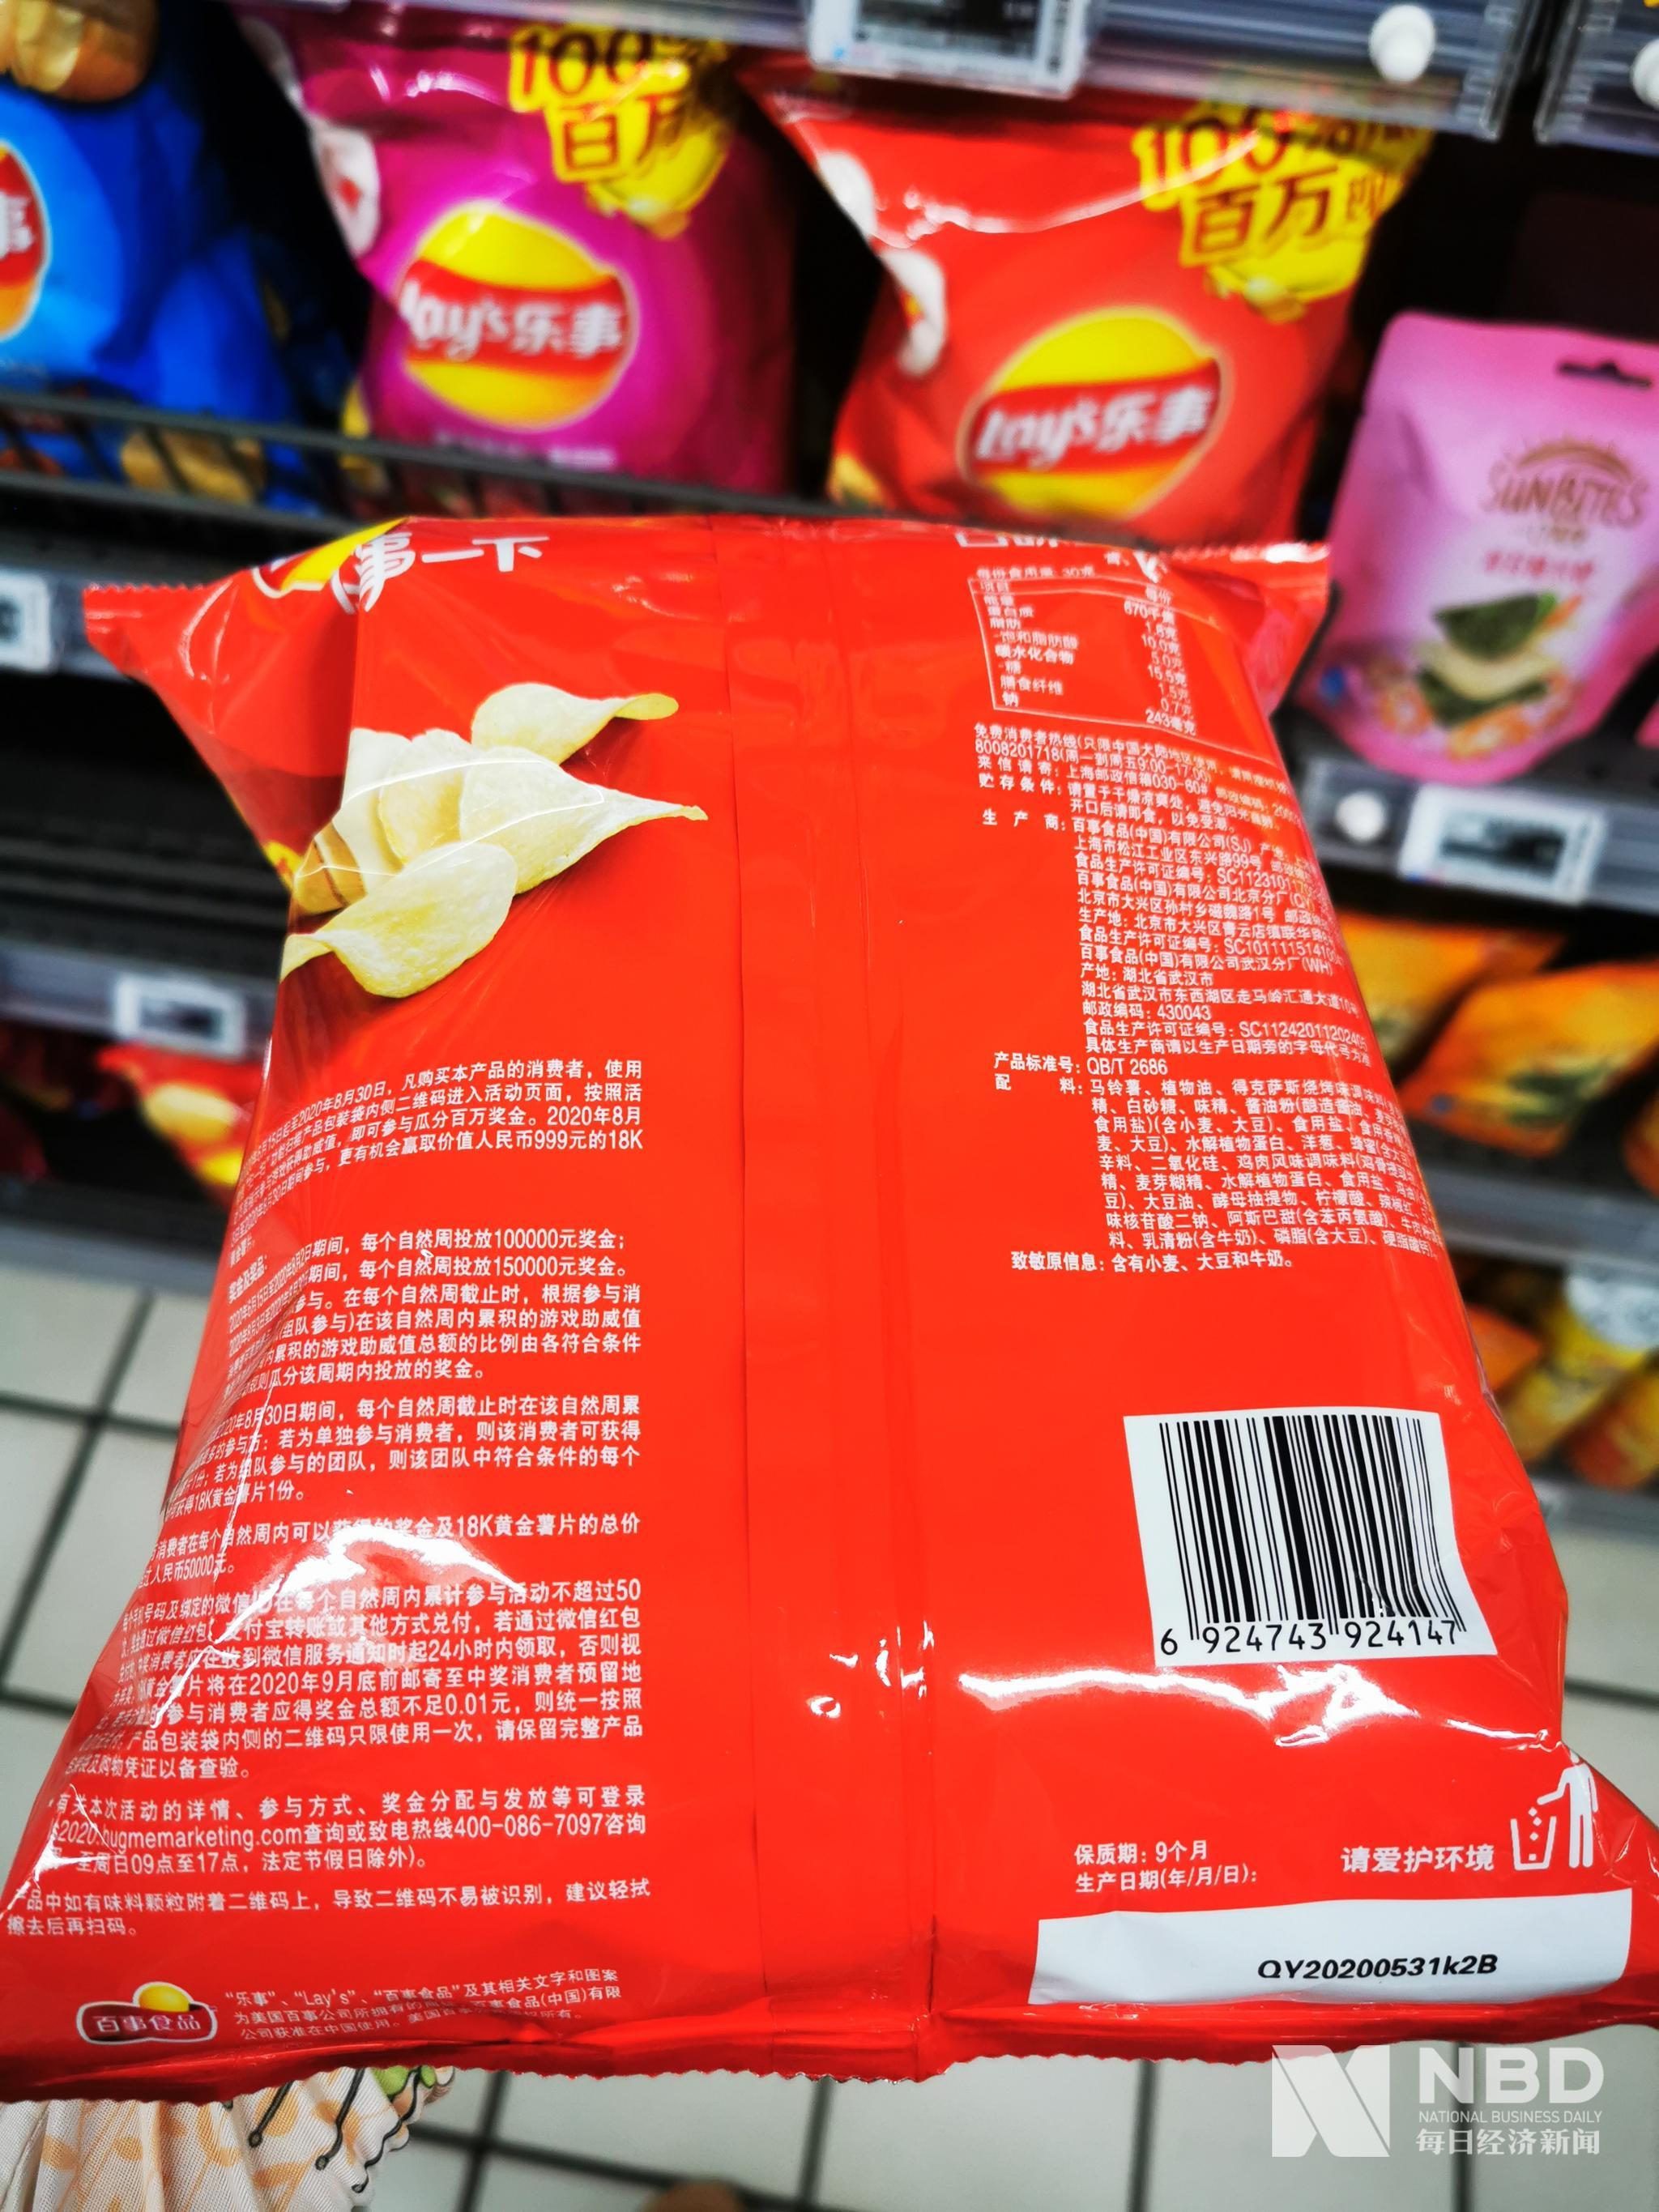 """袋装笑事薯片北京分厂产品代码为""""QY"""" 图片来源:每经记者 李少婷 摄"""